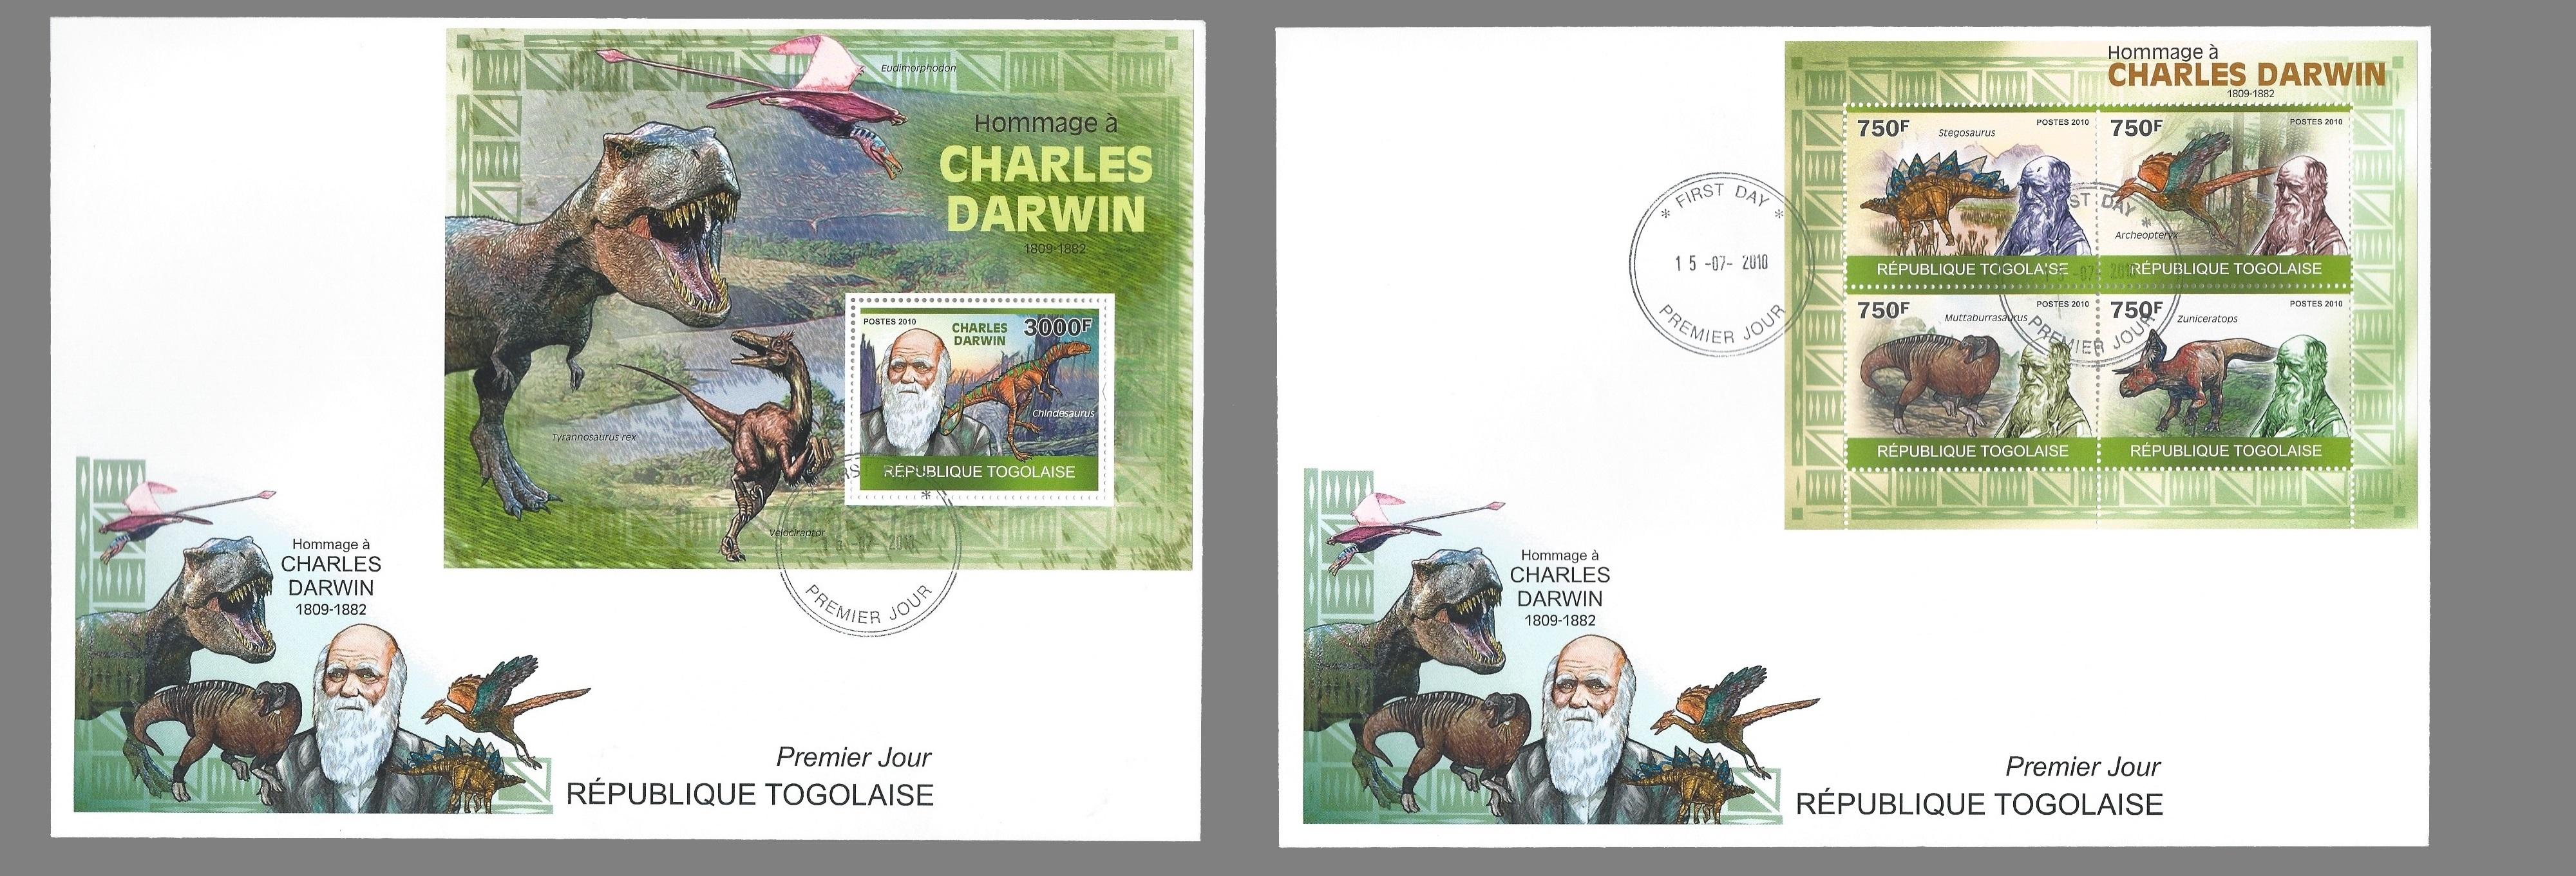 Paleophilatelie: Paläontologie und Philatelie  Togo_2009_darwin_fdc